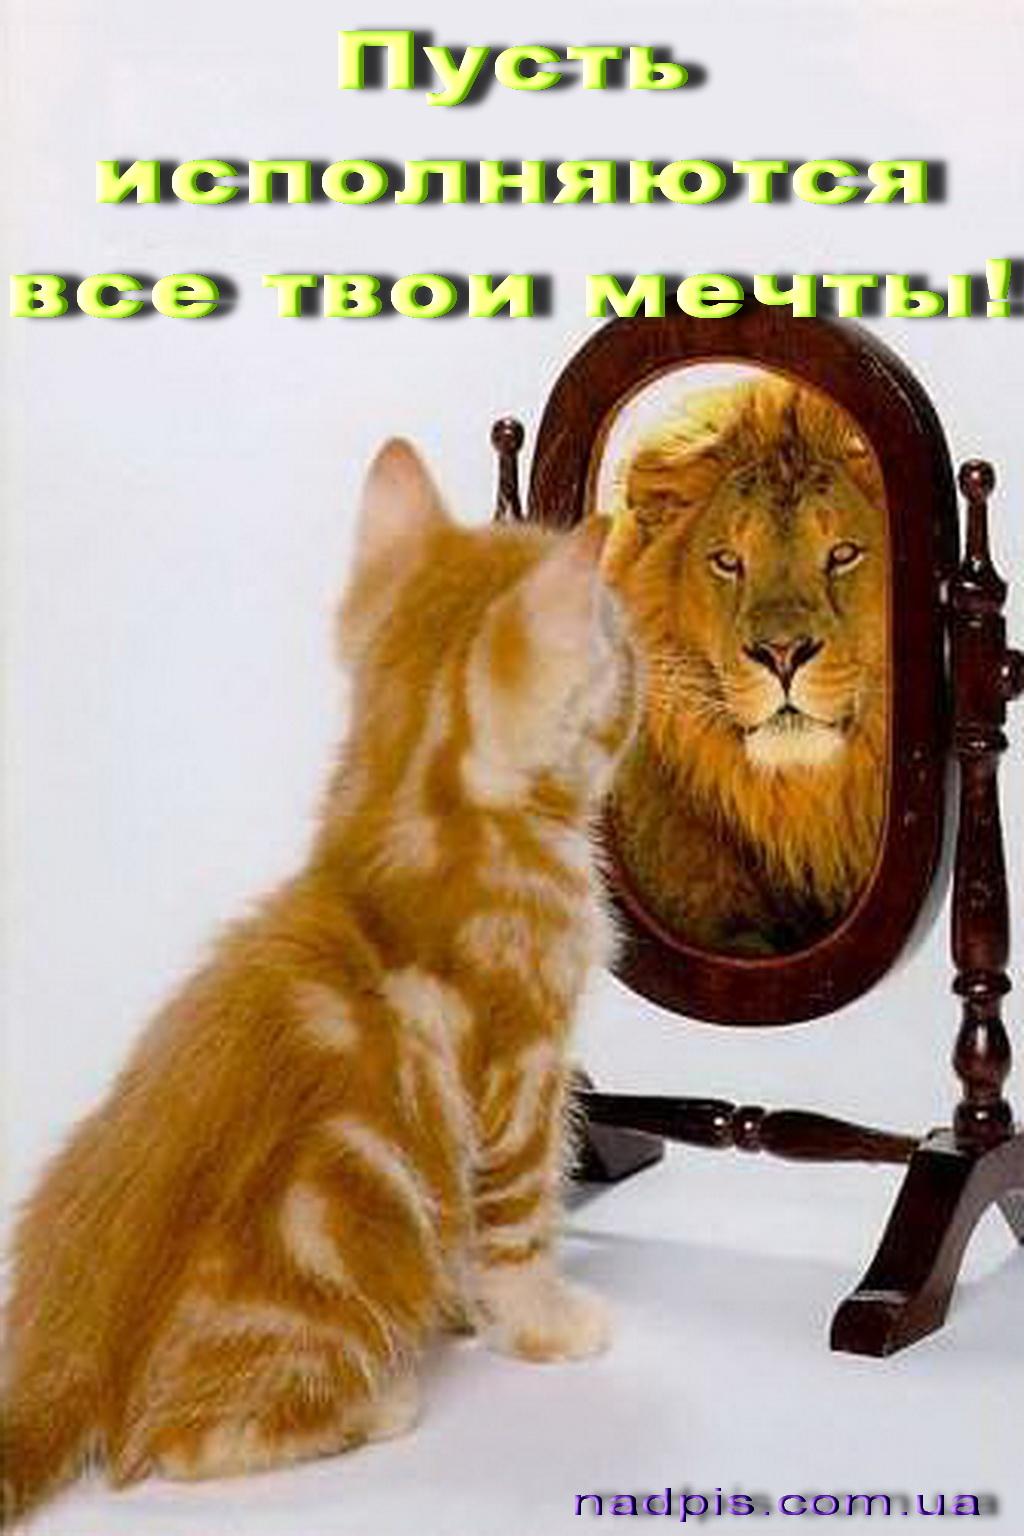 Именины Лев, поздравление Льву - Поздравок 57